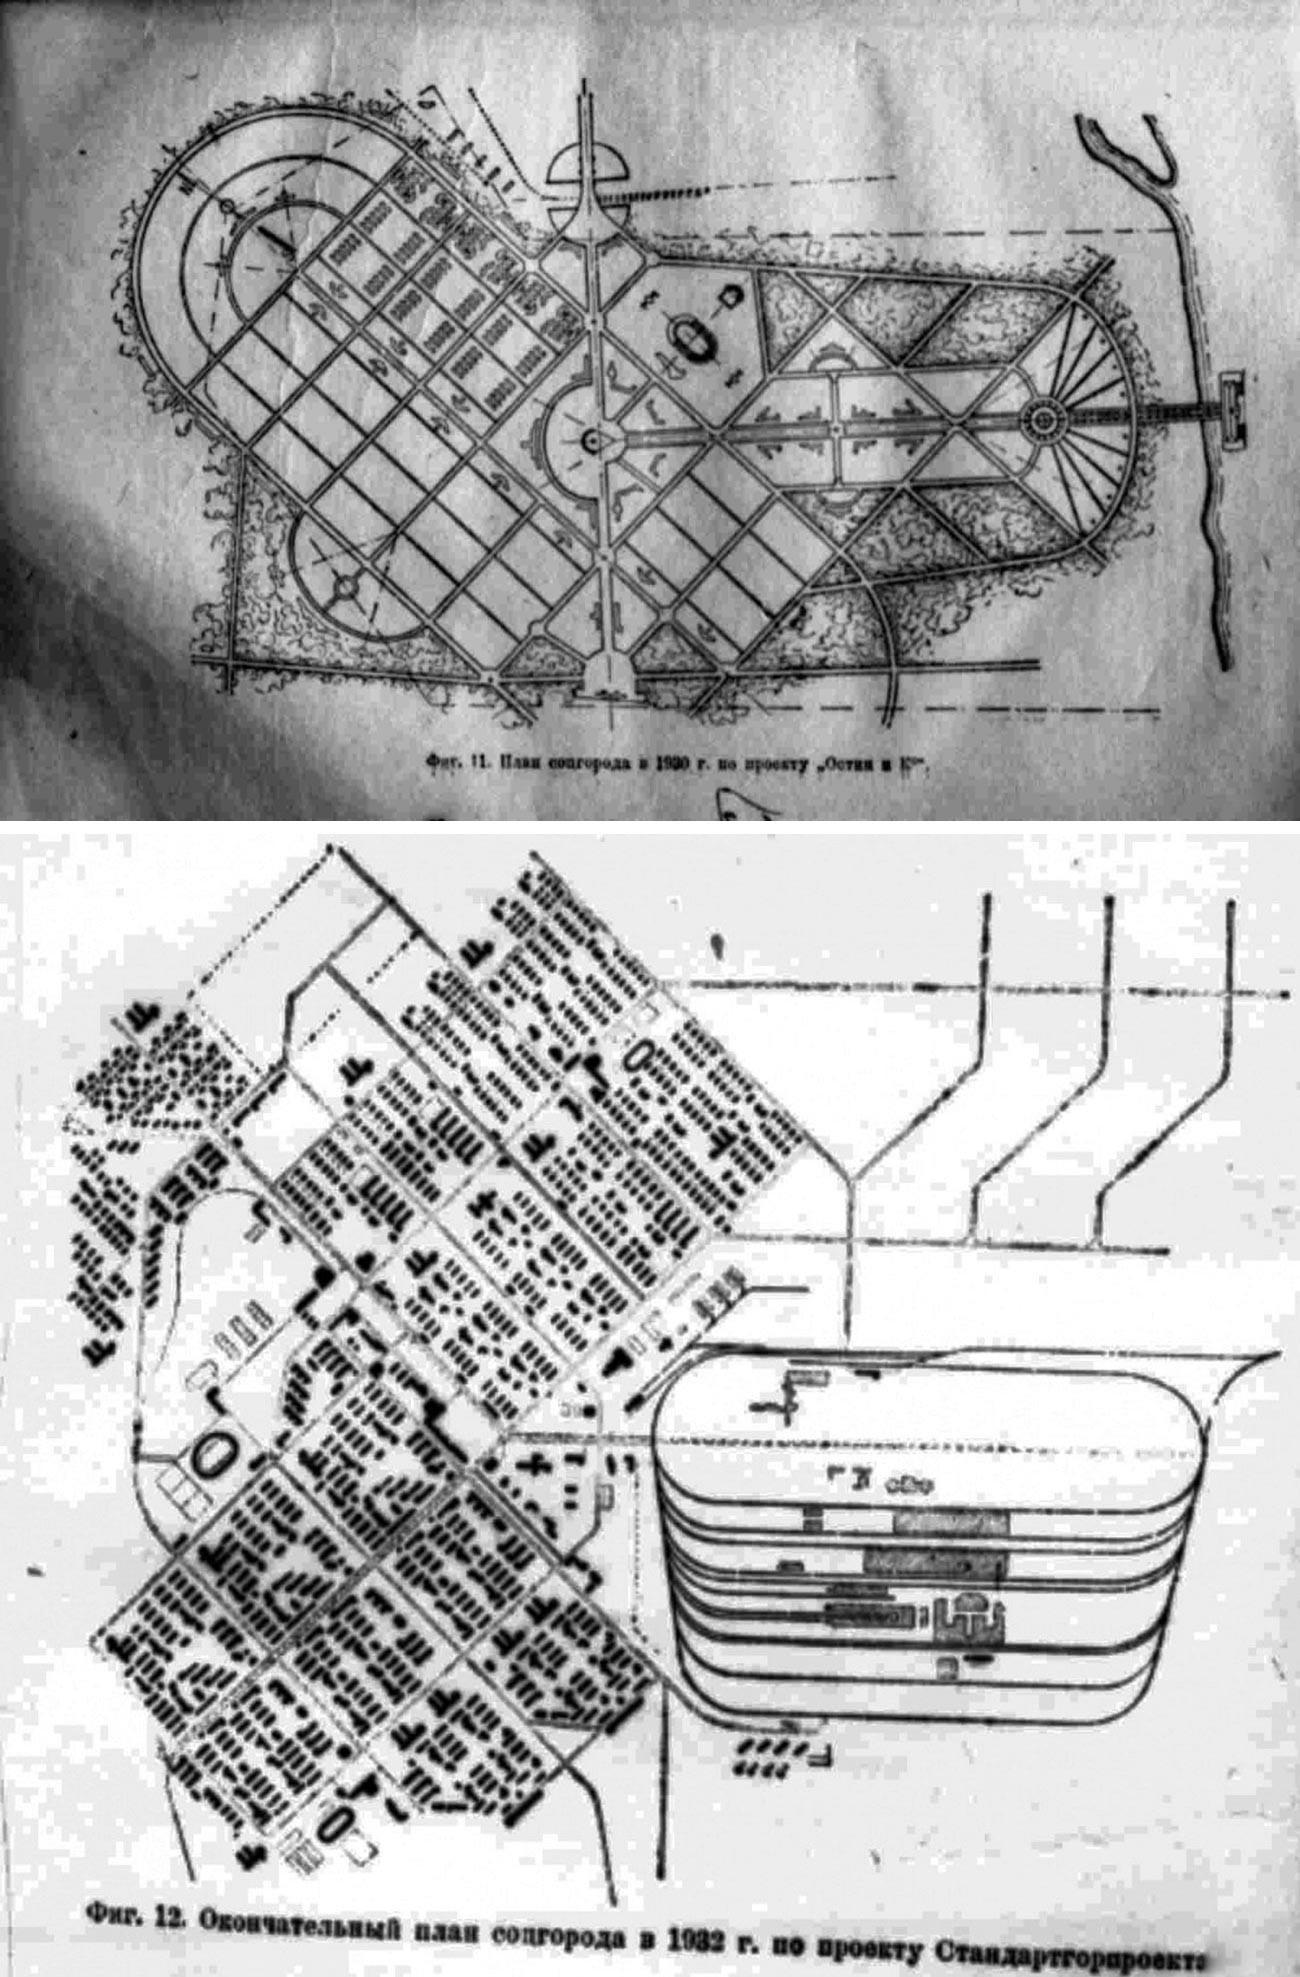 Ci-dessus : une variante du développement du village selon le plan de la société Ostin. Ci-dessous : le plan de développement du village approuvé